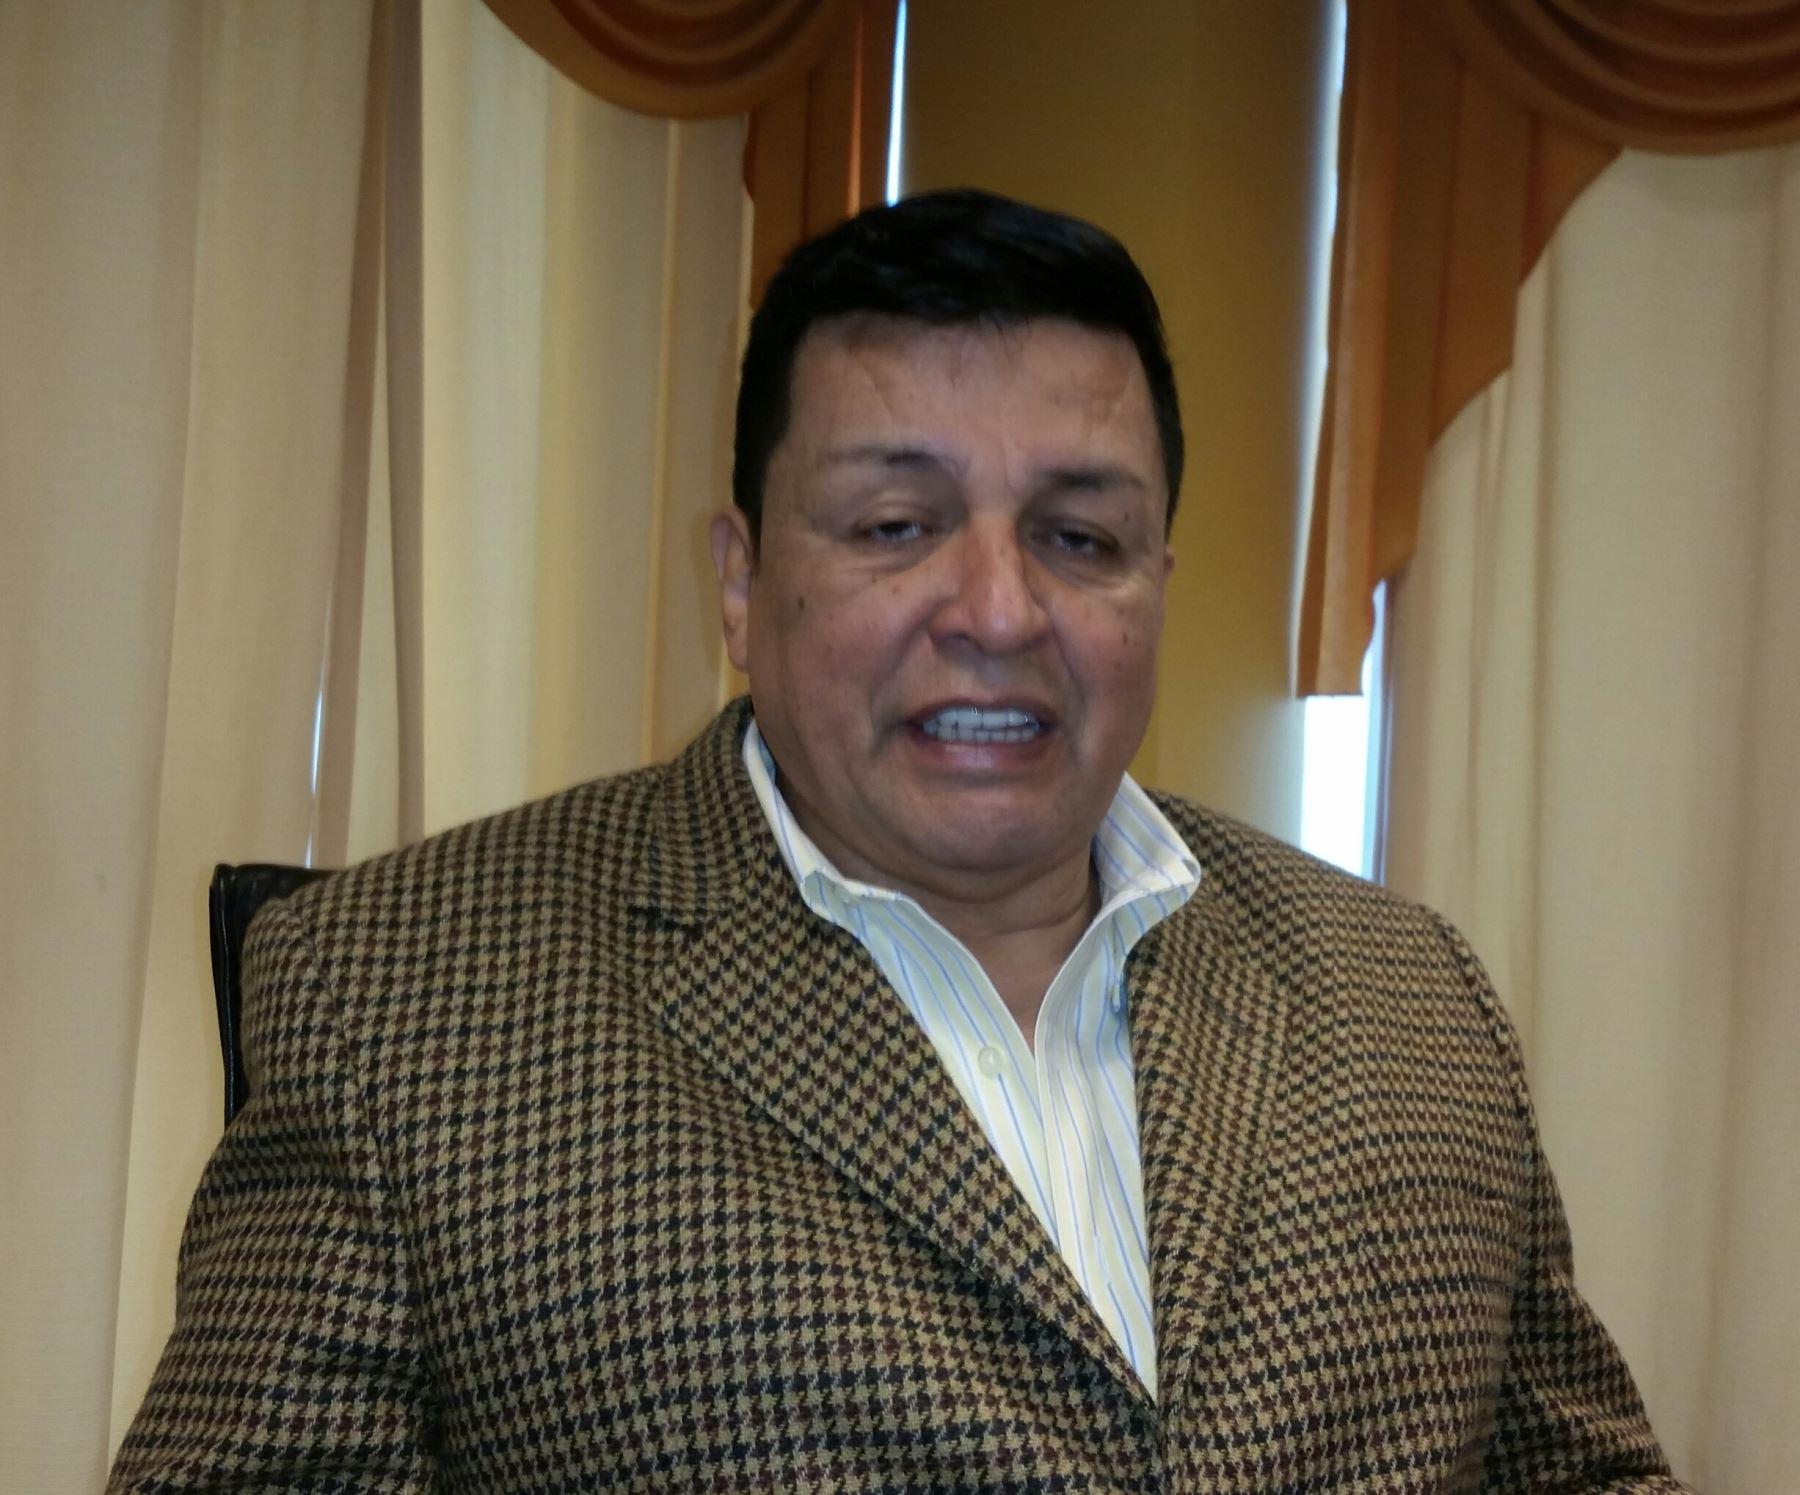 Líder del Partido Vamos Perú y alcalde de la Municipalidad Provincial del Callao, Juan Sotomayor García. ANDINA